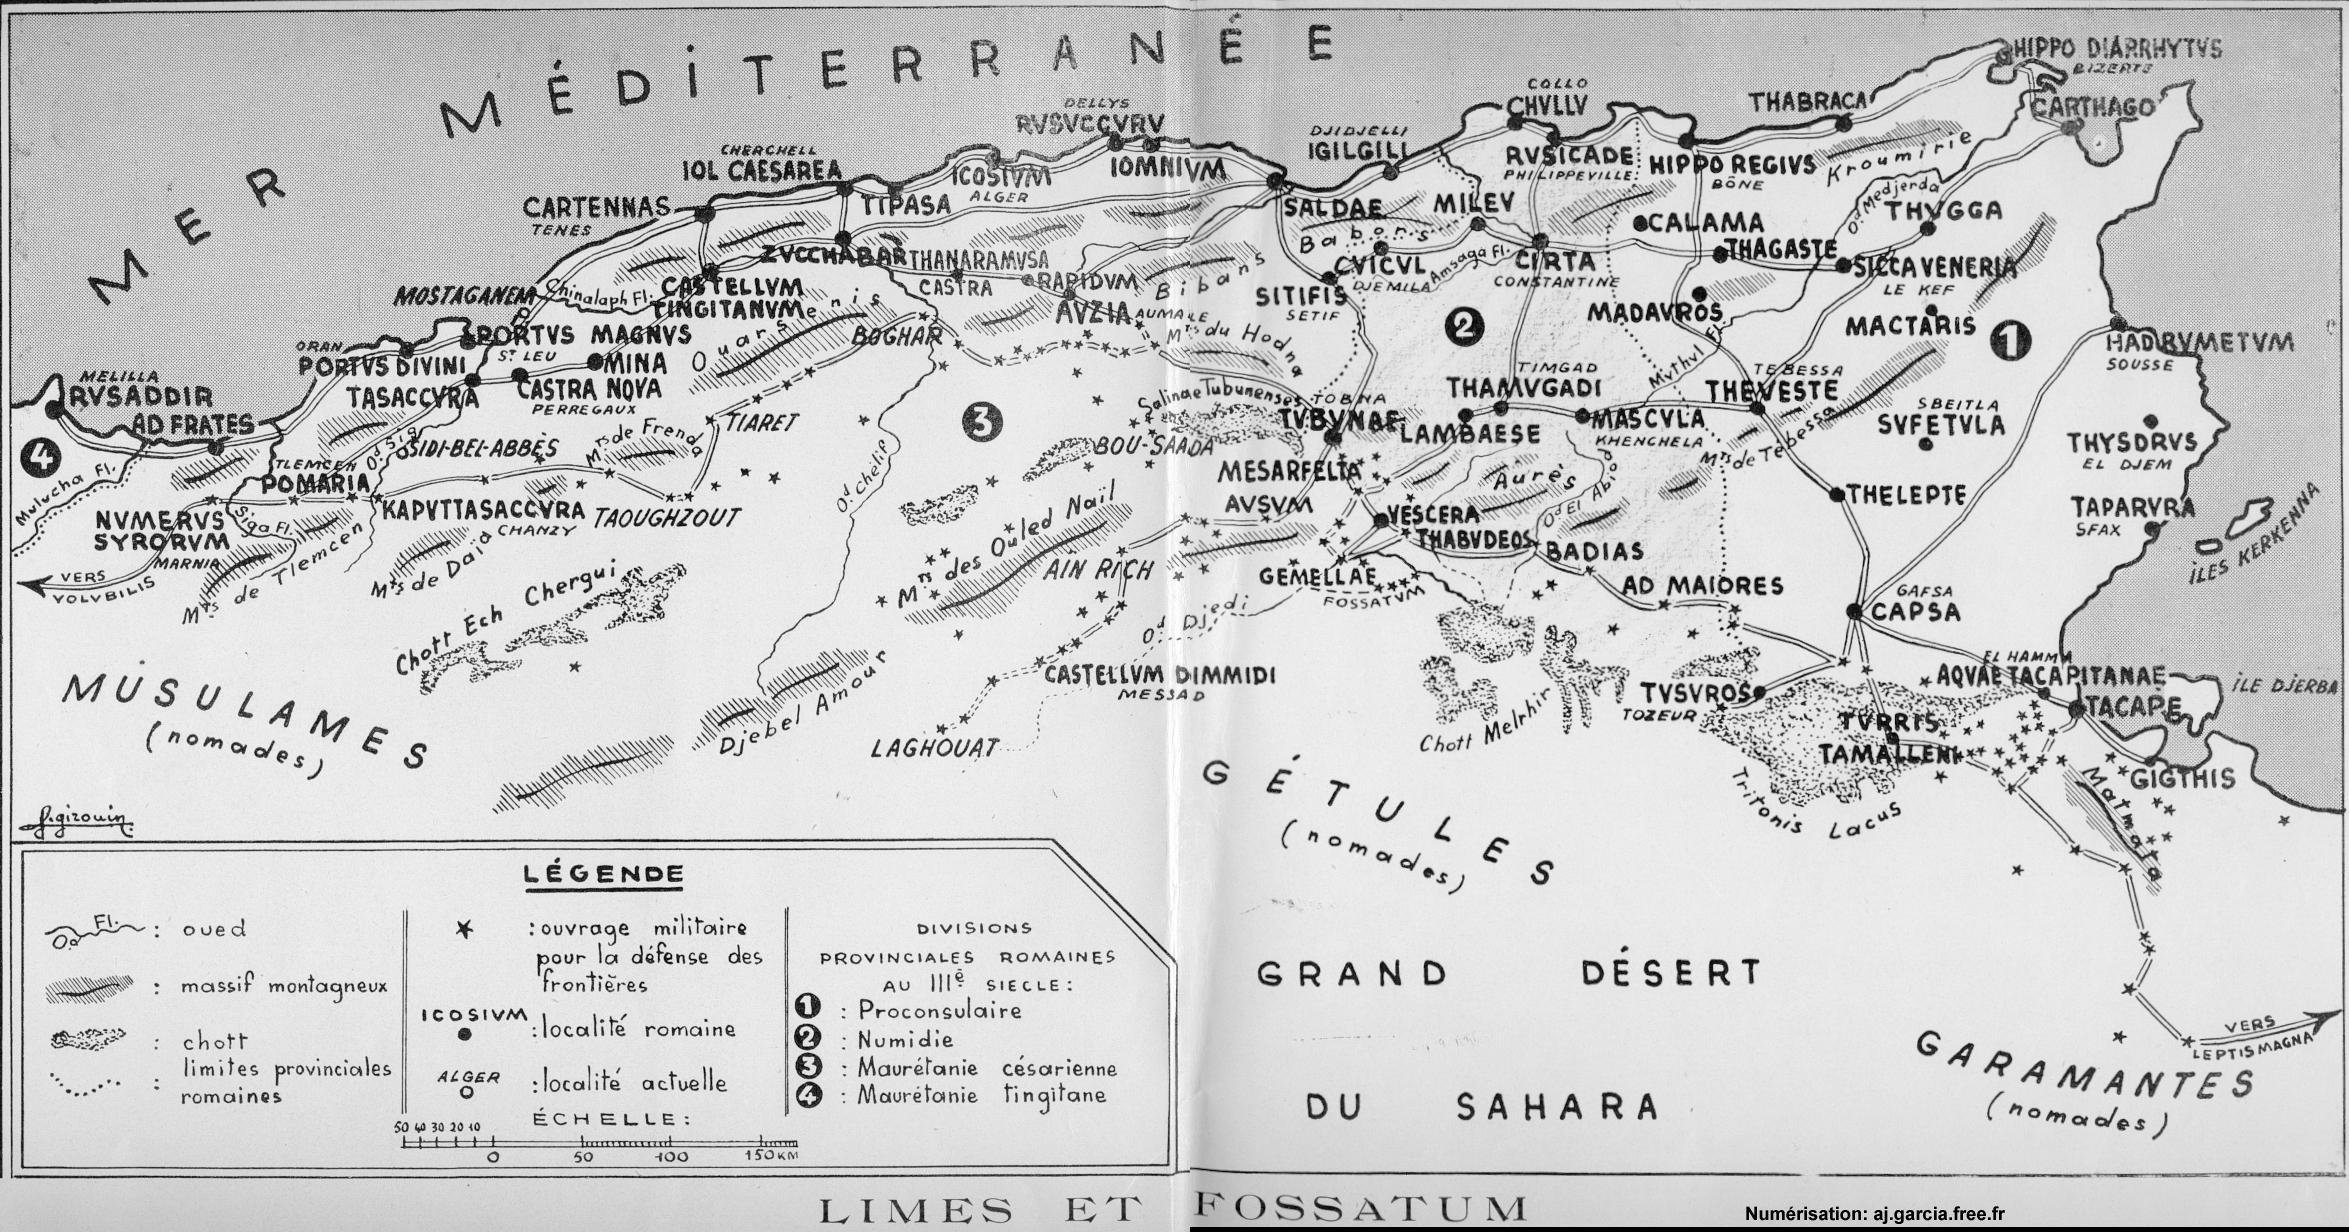 Carte Kabylie Detaillee.Algerie Histoire Patrimoine Cartes Documents En Ligne